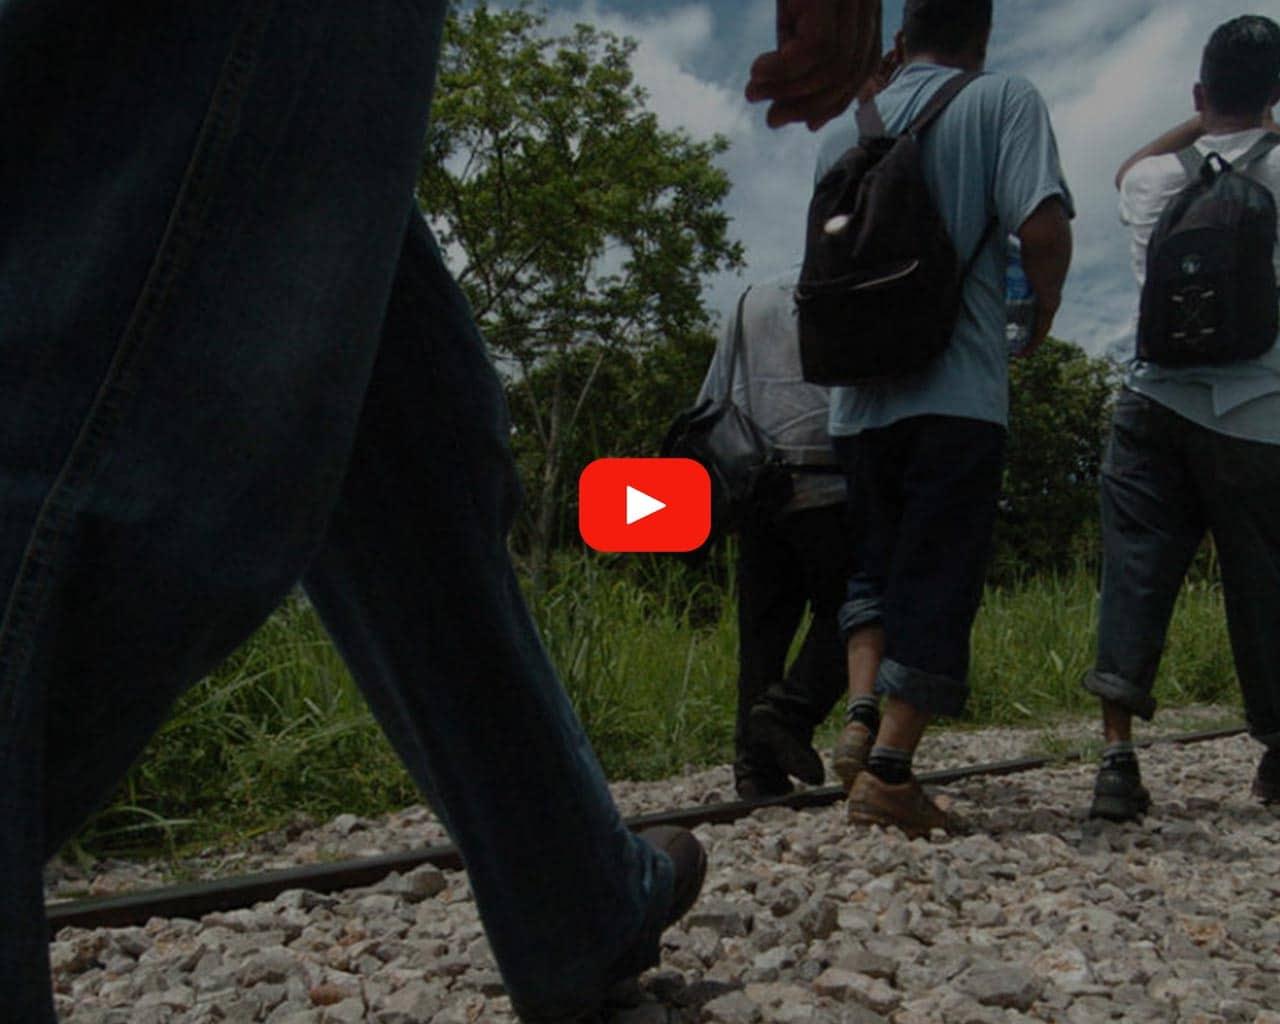 Video: Compartiendo el viaje; mi historia: Ely. Abril 2018